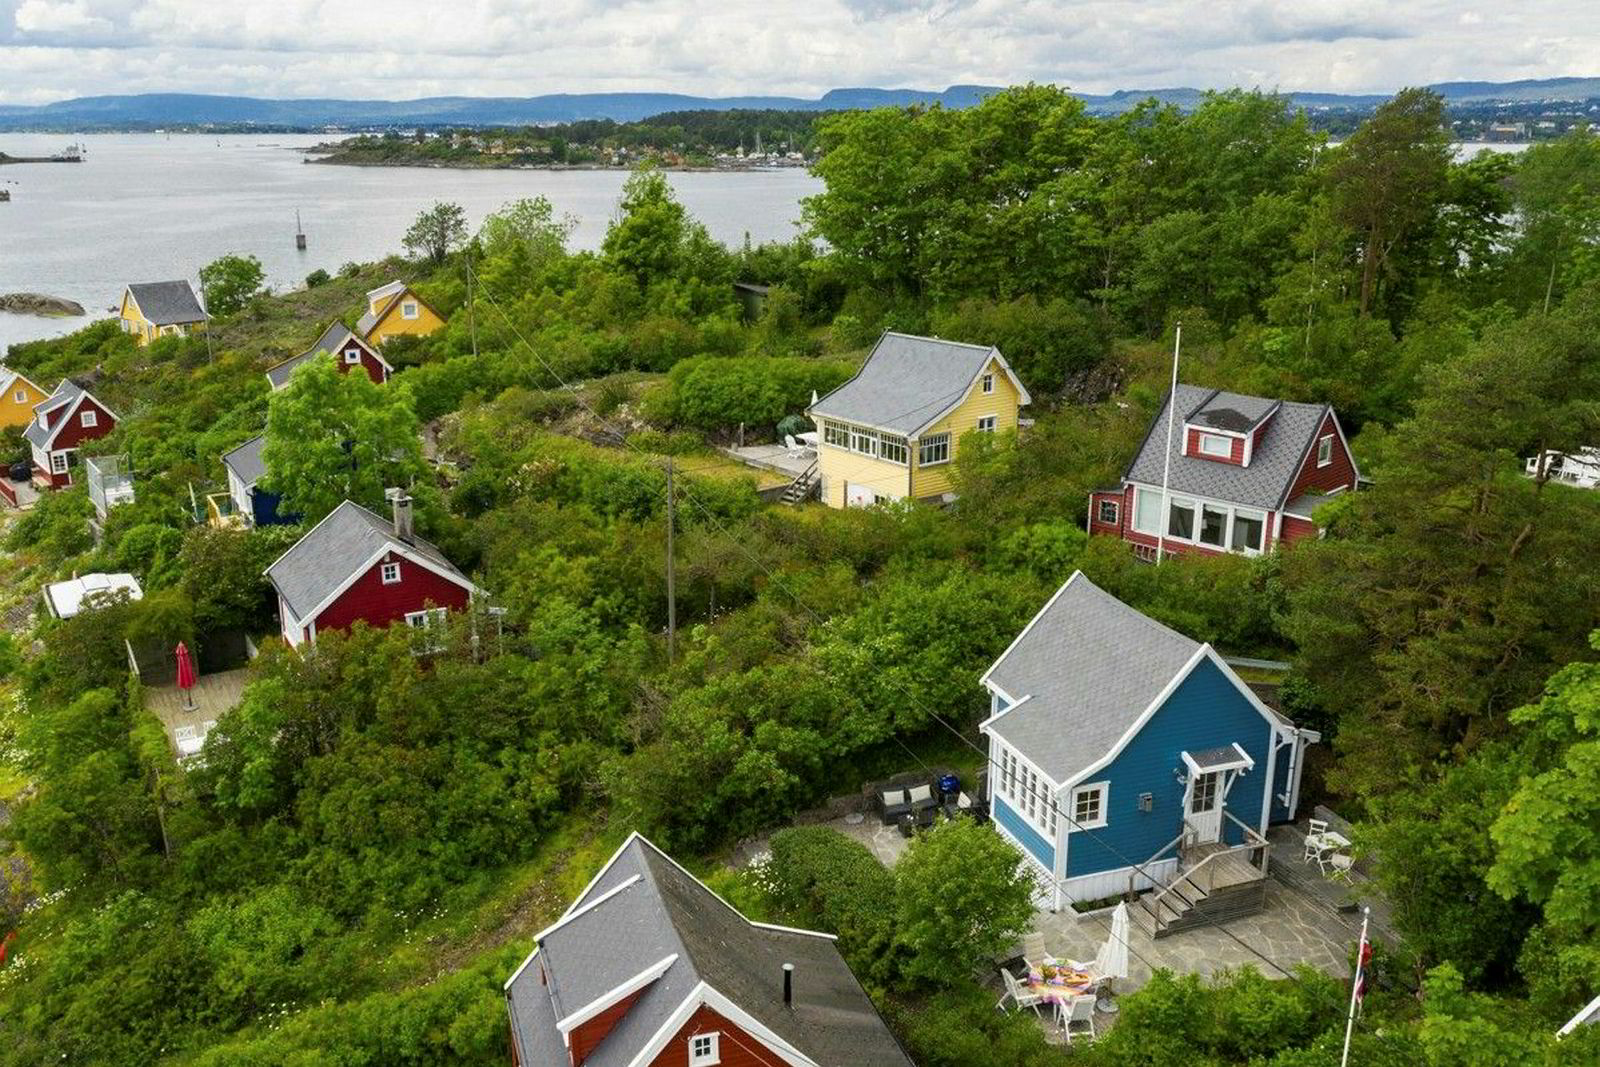 Bleikøya ligger sammen med Nakkholmen og Lindøya rett utenfor Oslo. Hytta som er solgt er den blå hytta til høyre i bildet.